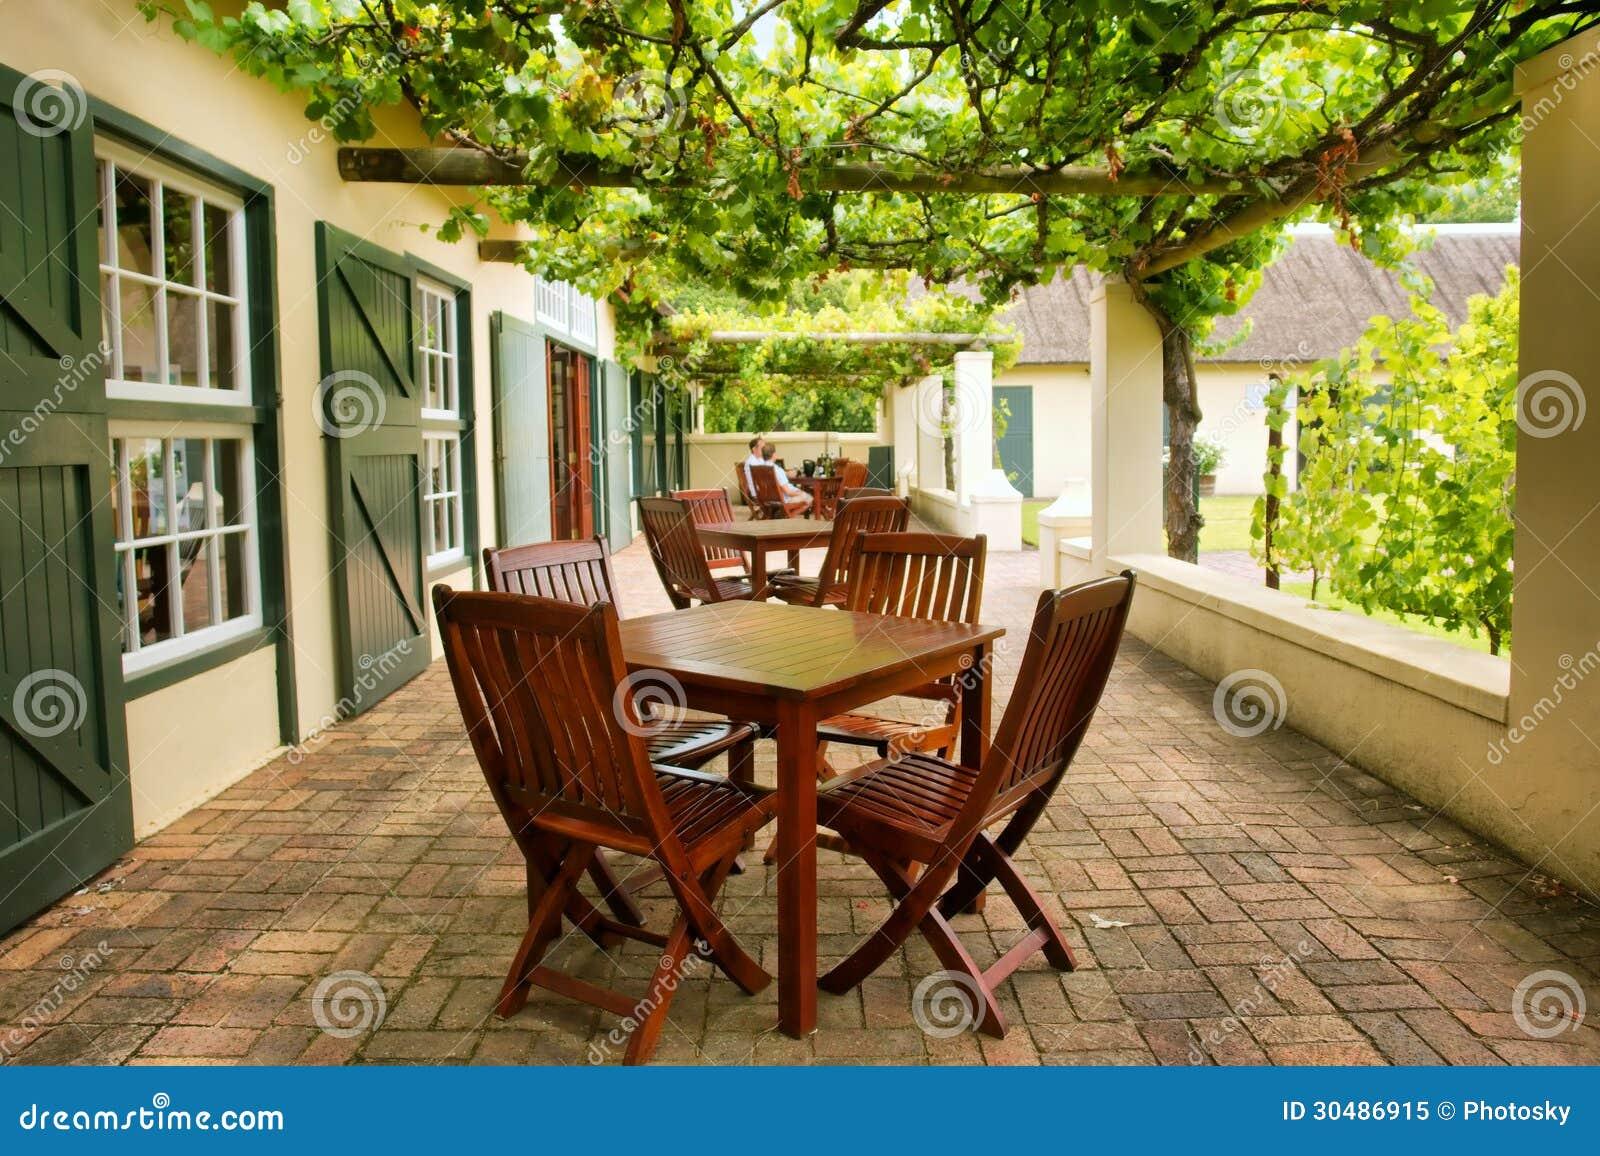 Tableaux Sur La Terrasse Couverte Par La Vigne Image stock - Image ...